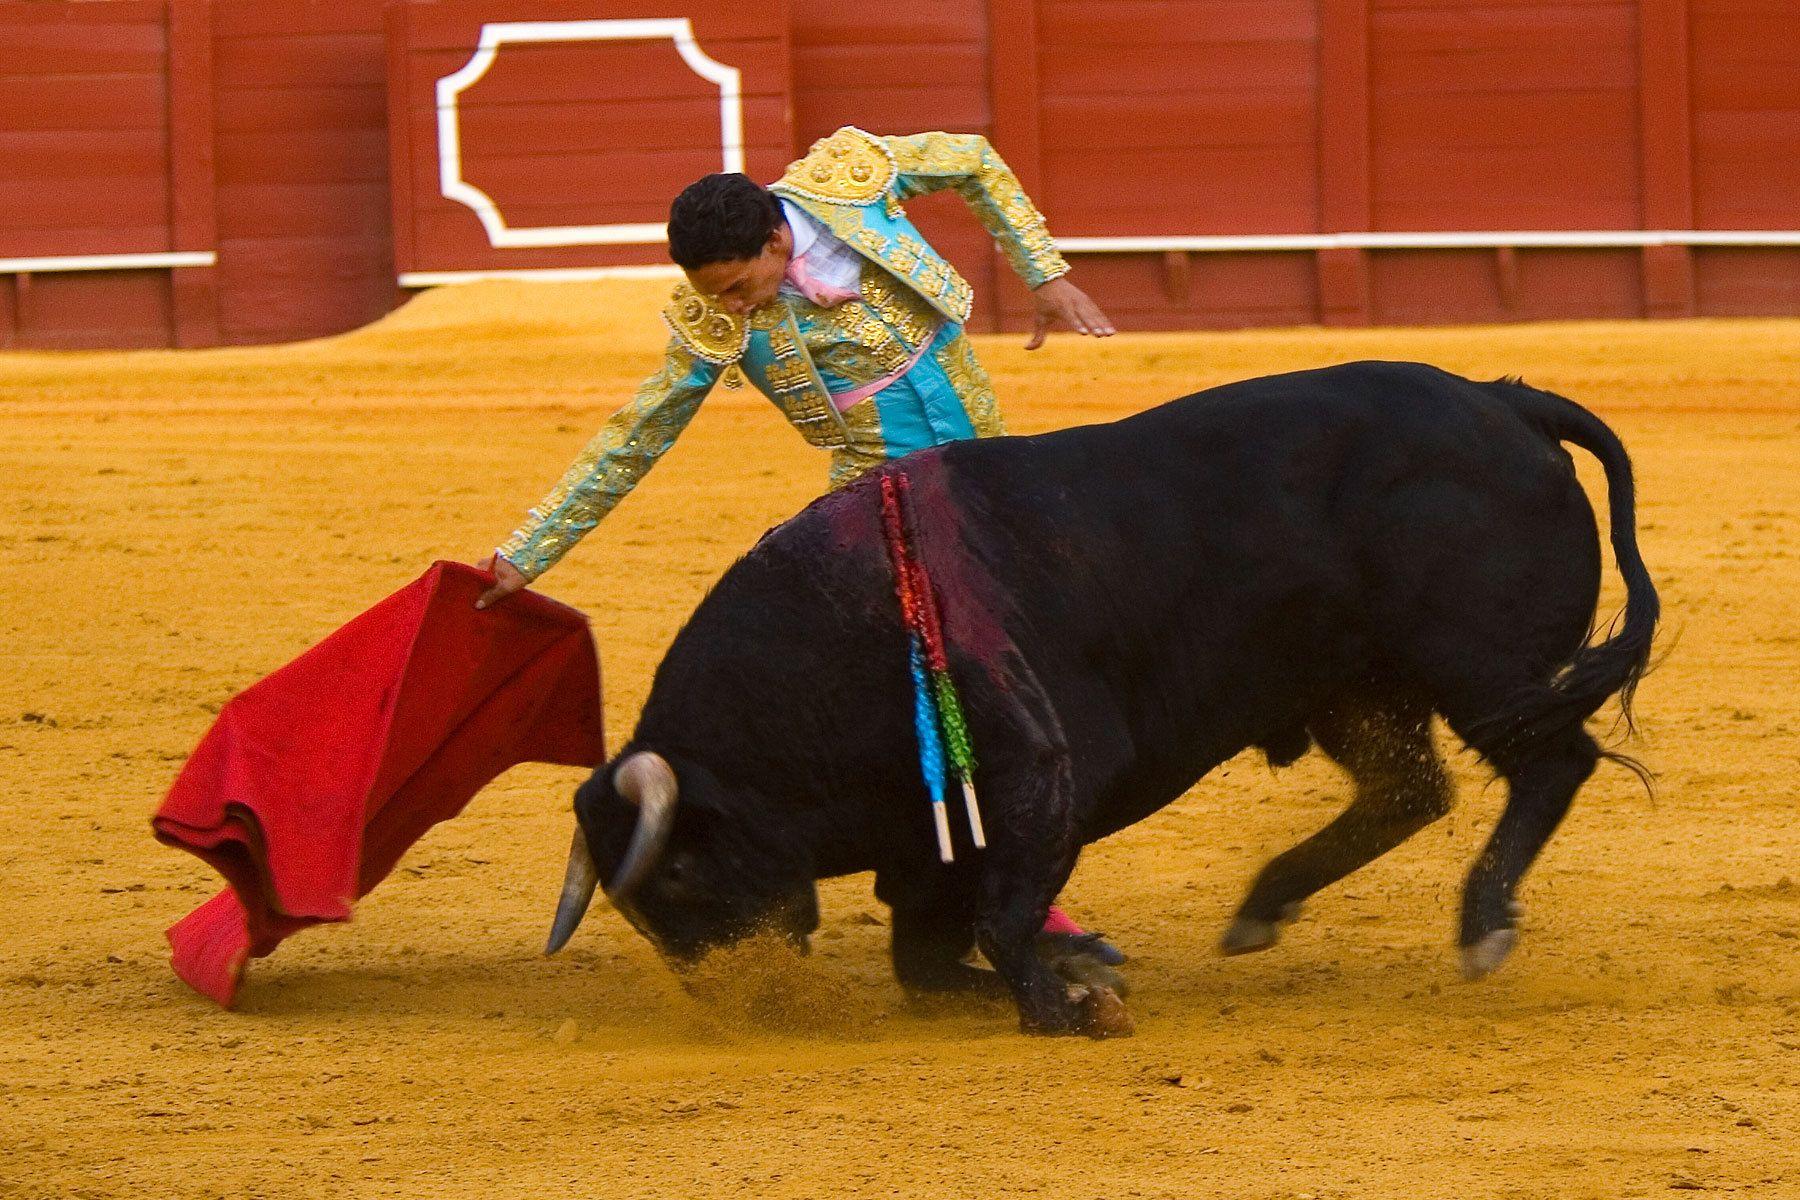 1bullfighter_3.jpg